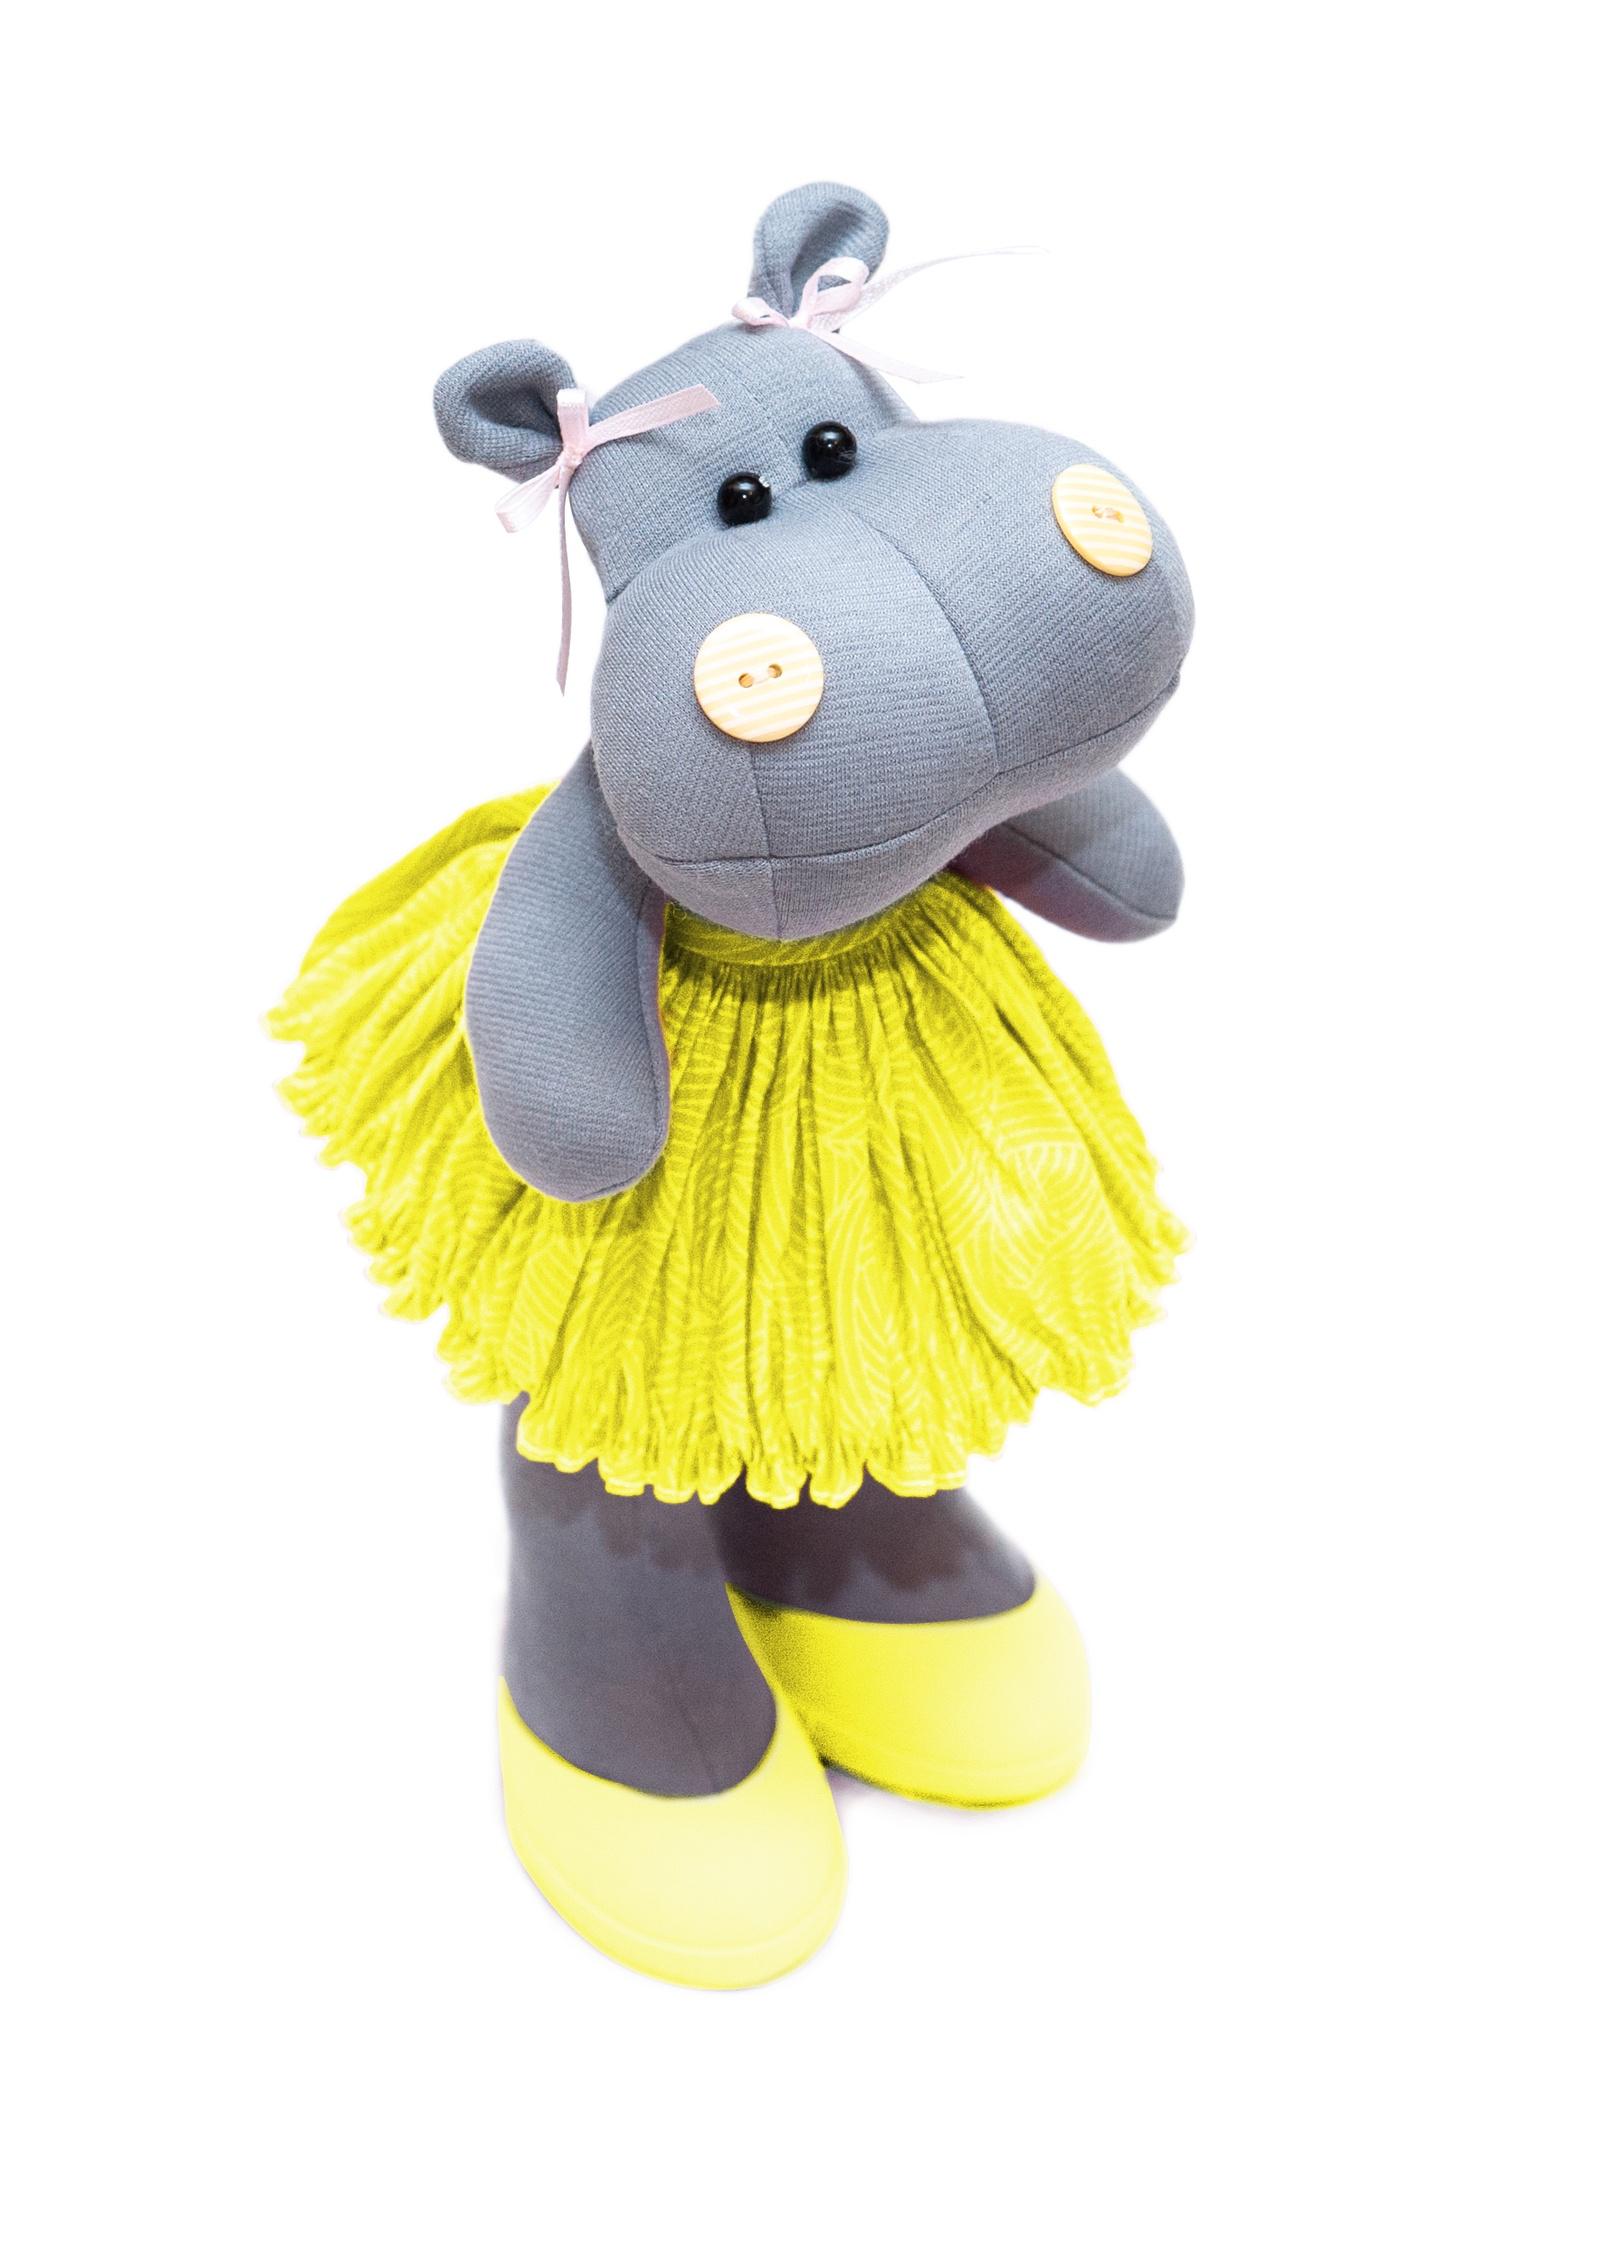 Набор для изготовления игрушки Кукольная фея Б-4.25.3 тата симонян 2019 05 25t18 00